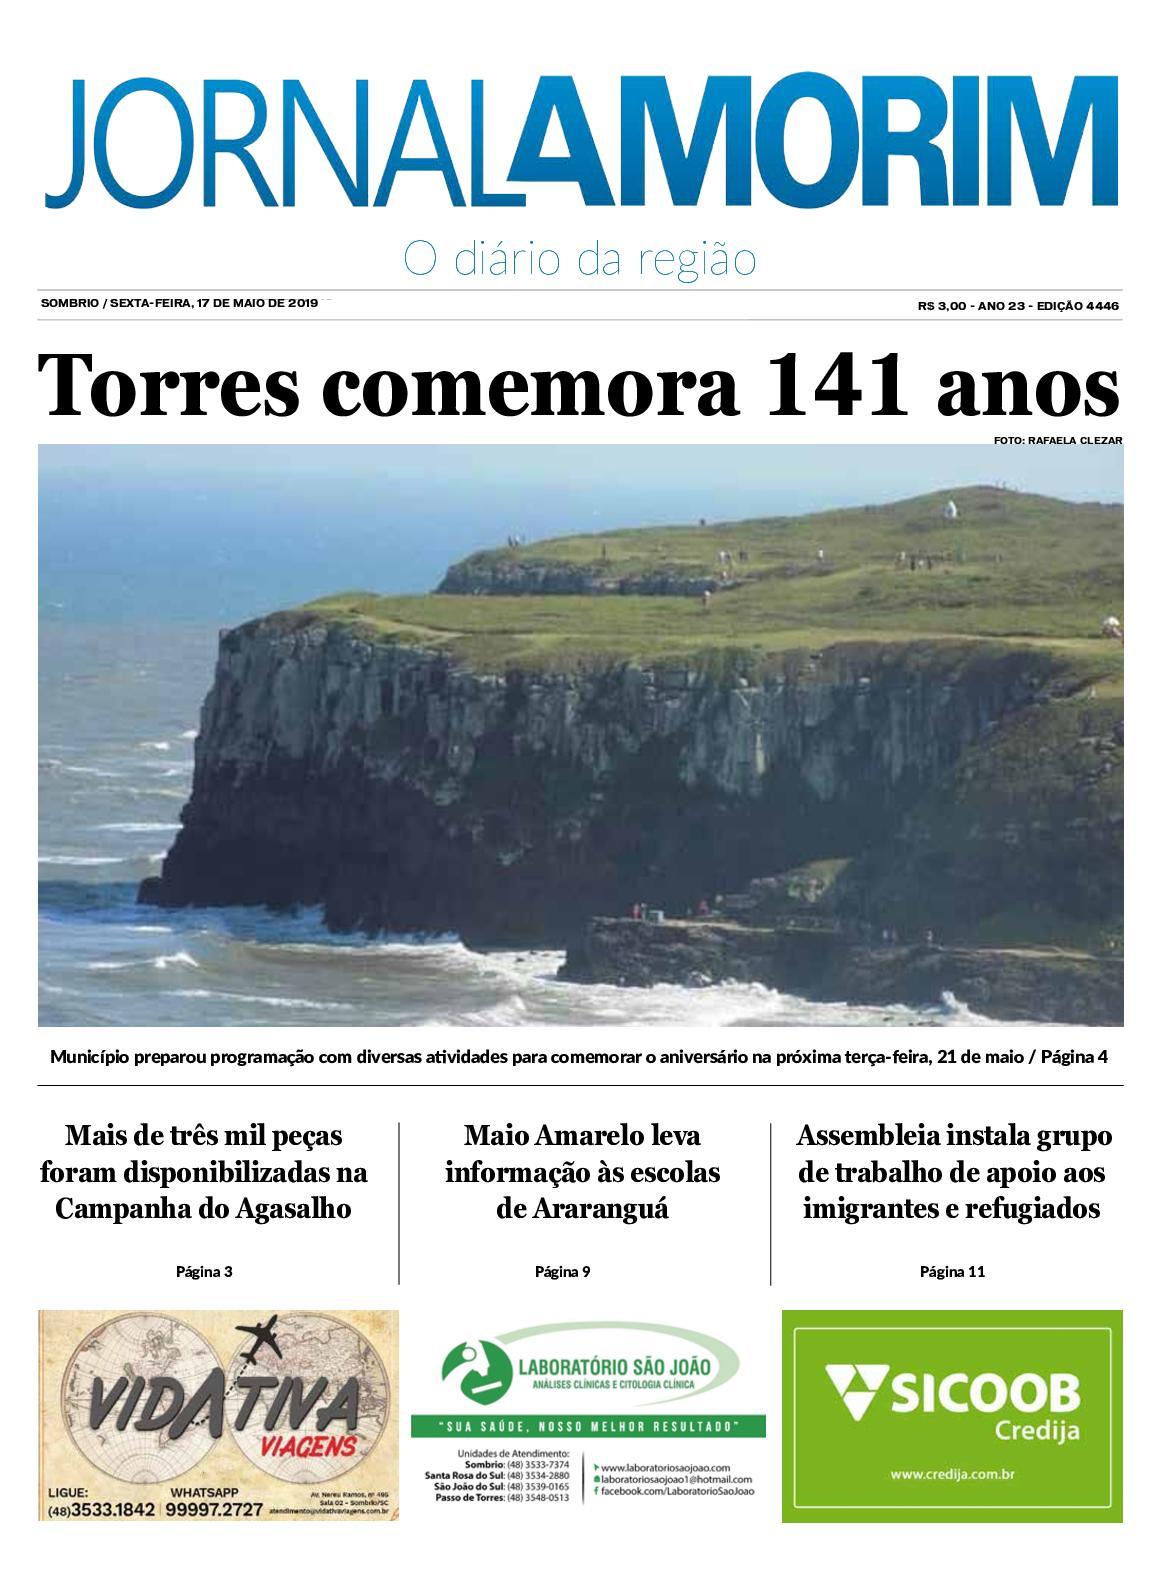 Jornal Amorim 17-05-2019